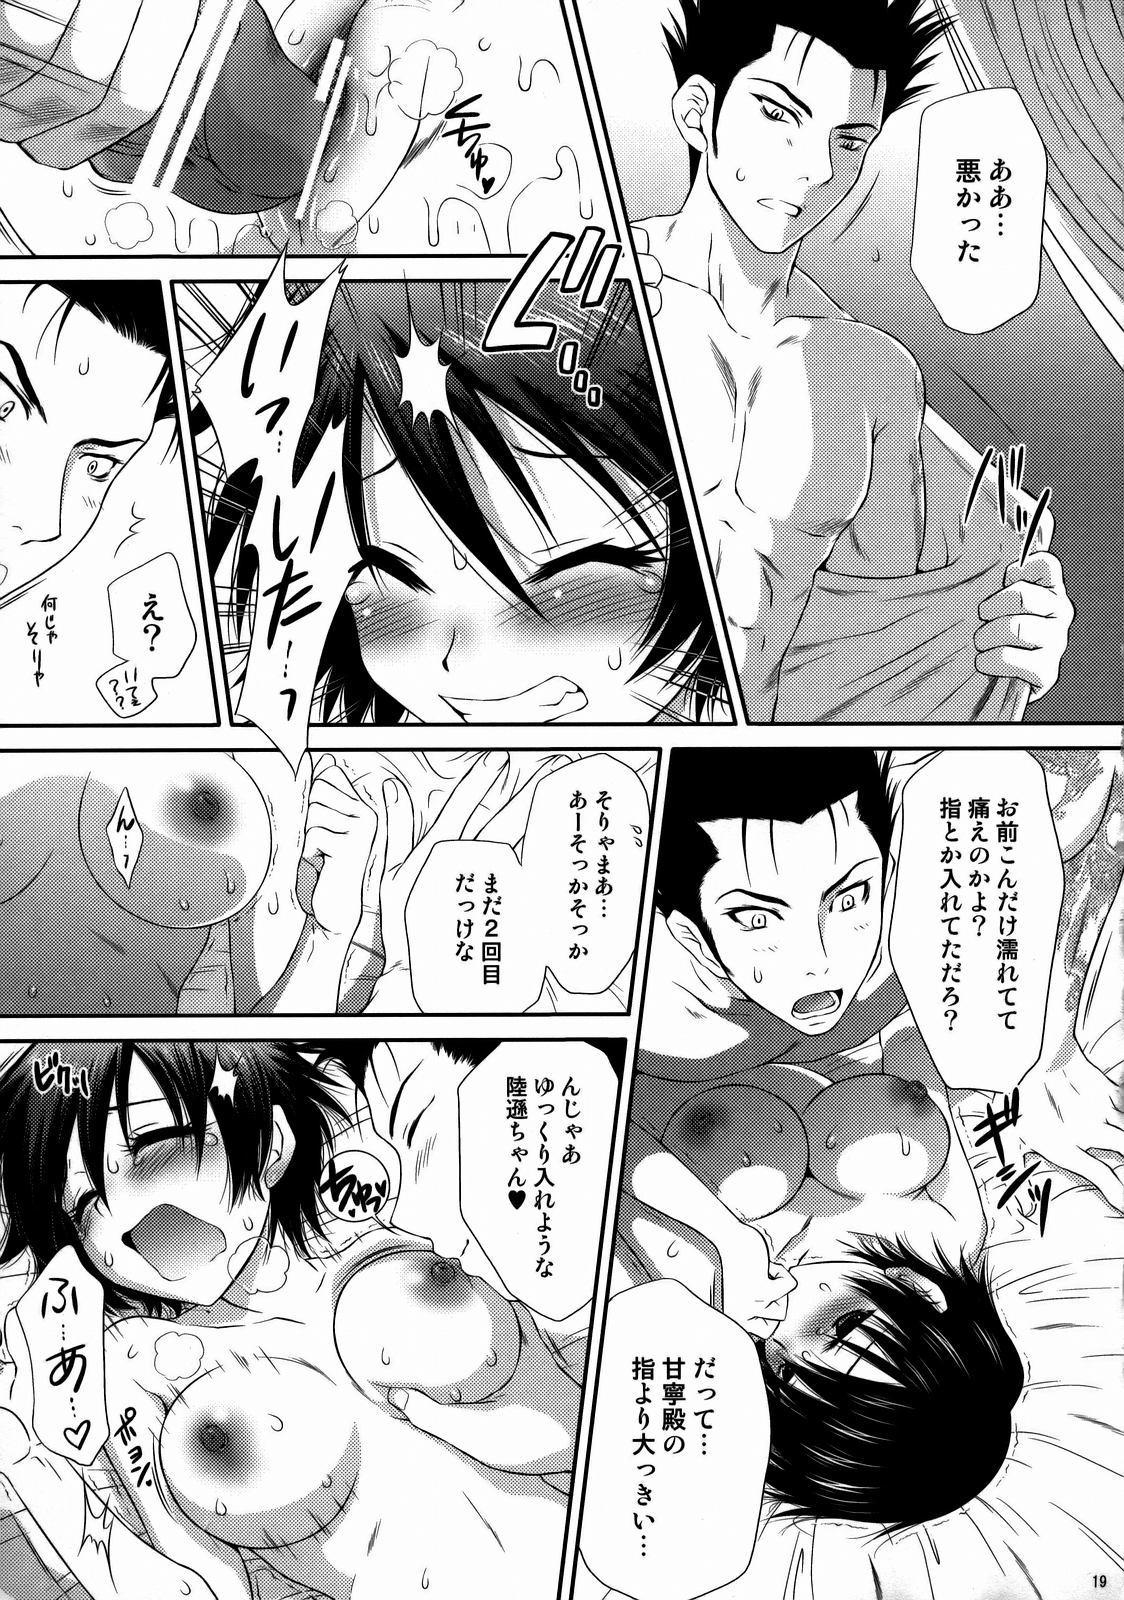 Himitsu no Rikuson-chan 17